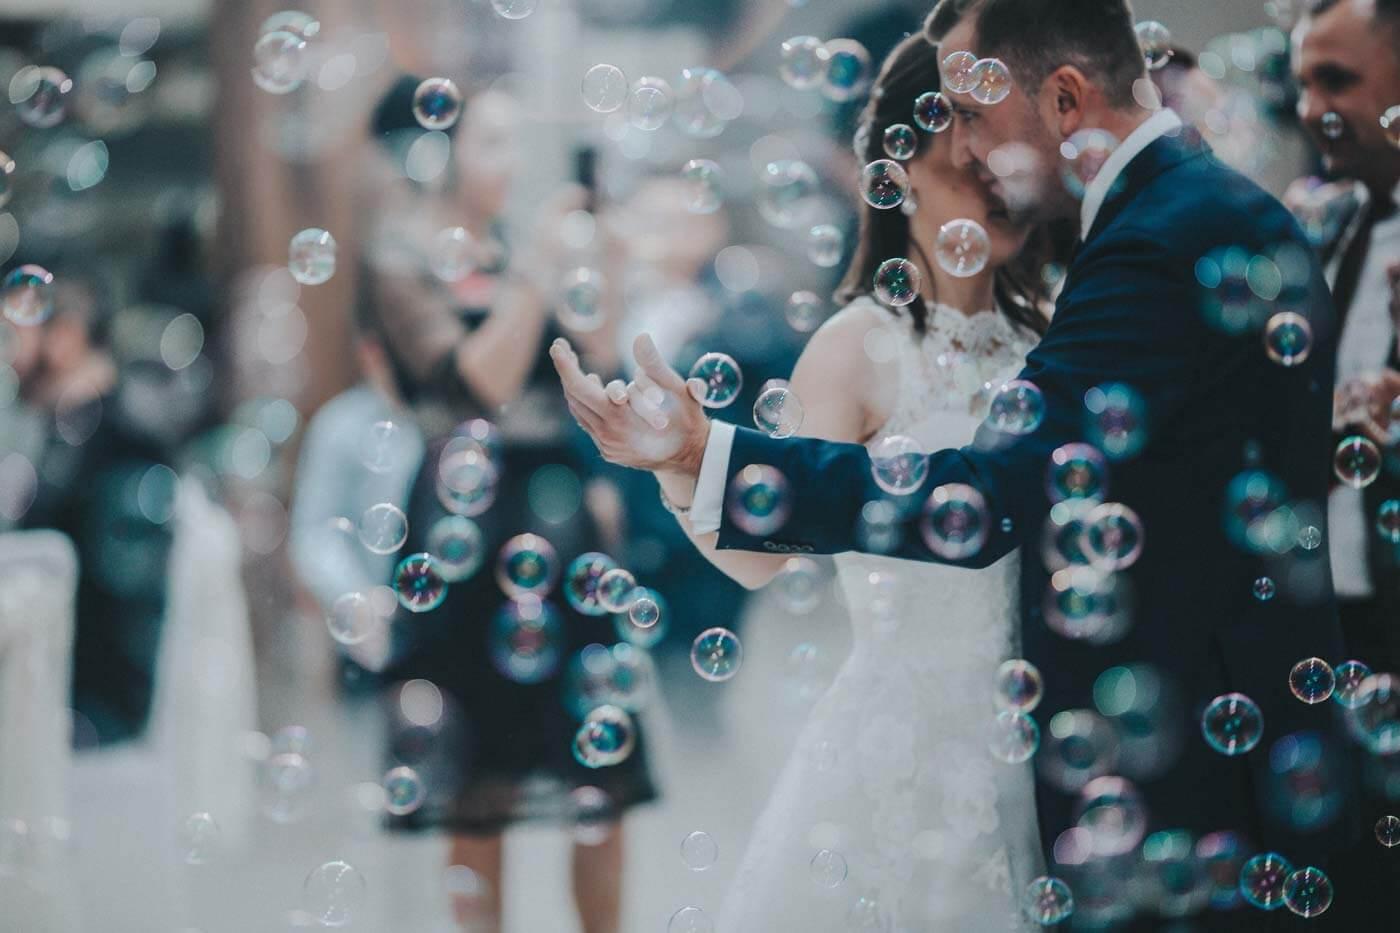 Seifenblasen Hochzeitstanz